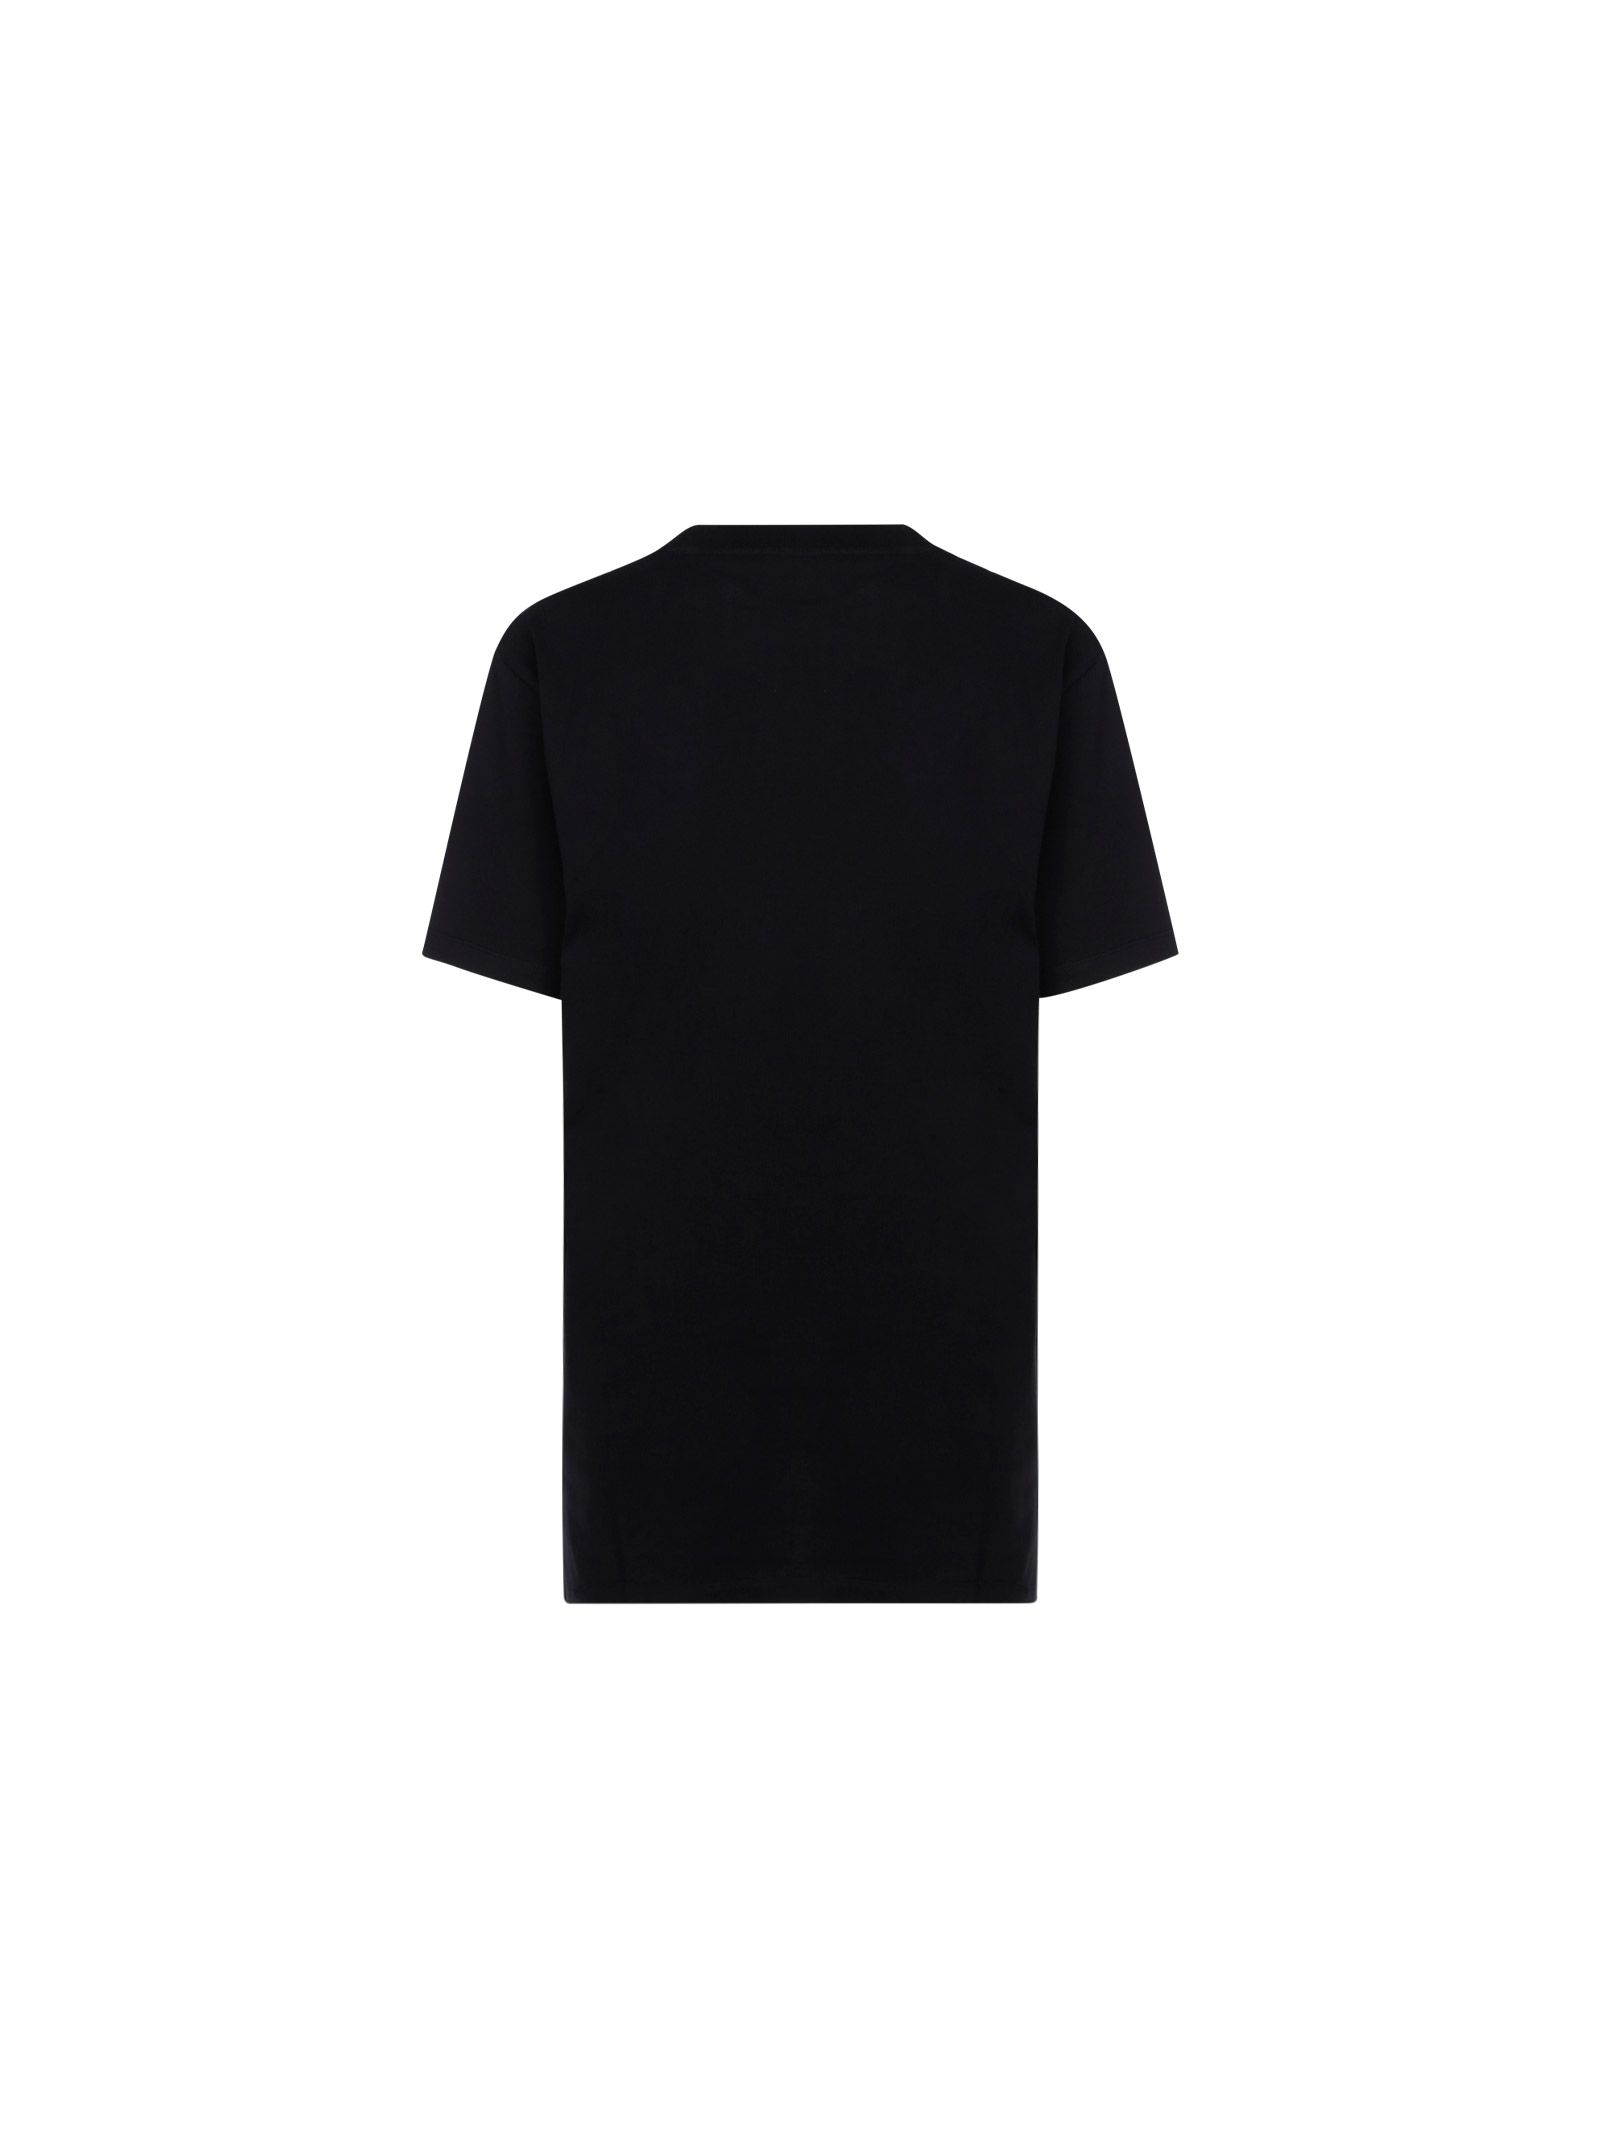 LOEWE Cottons LOEWE WOMEN'S BLACK COTTON T-SHIRT